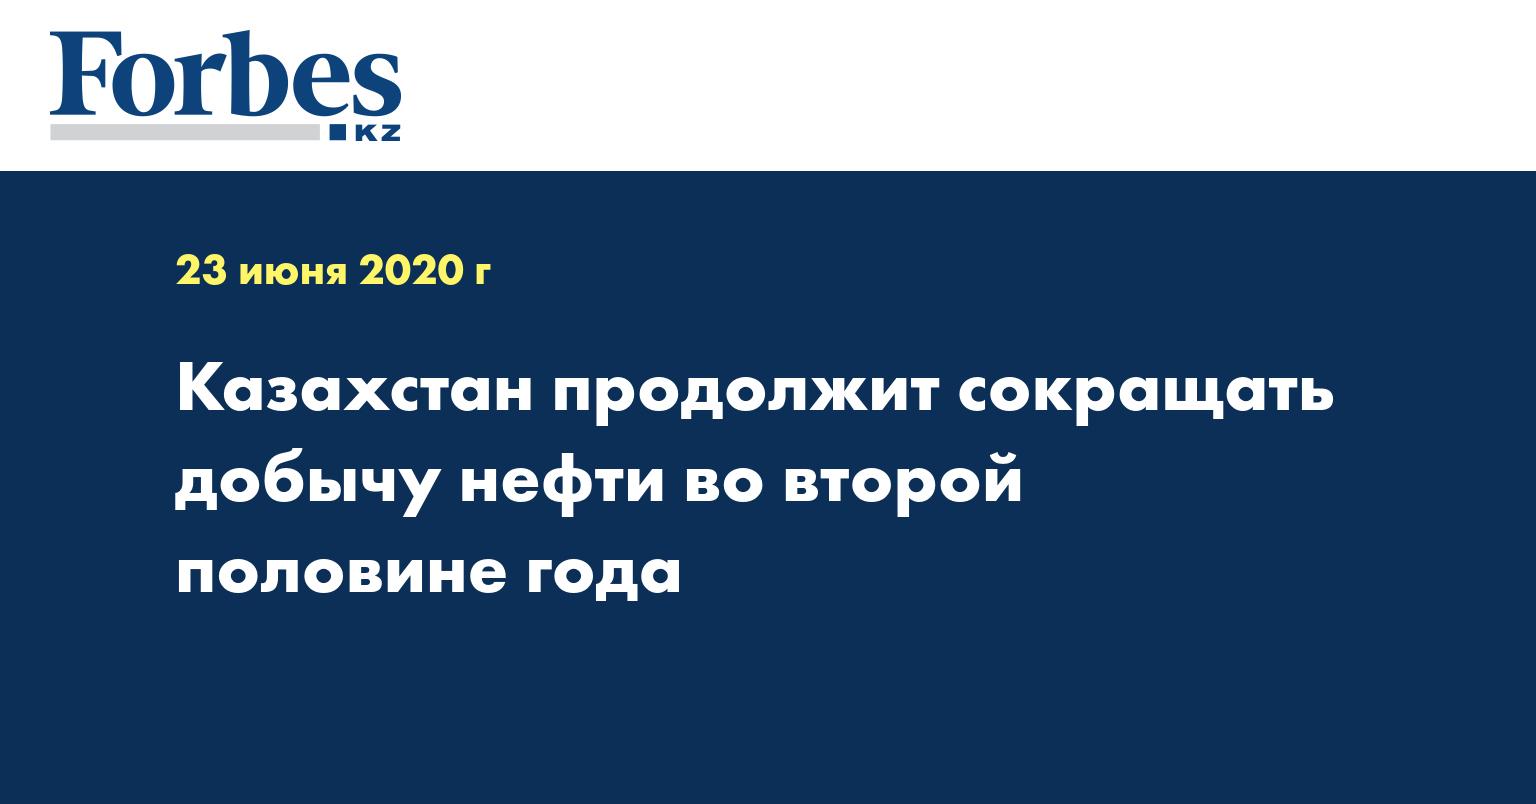 Казахстан продолжит сокращать добычу нефти во второй половине года